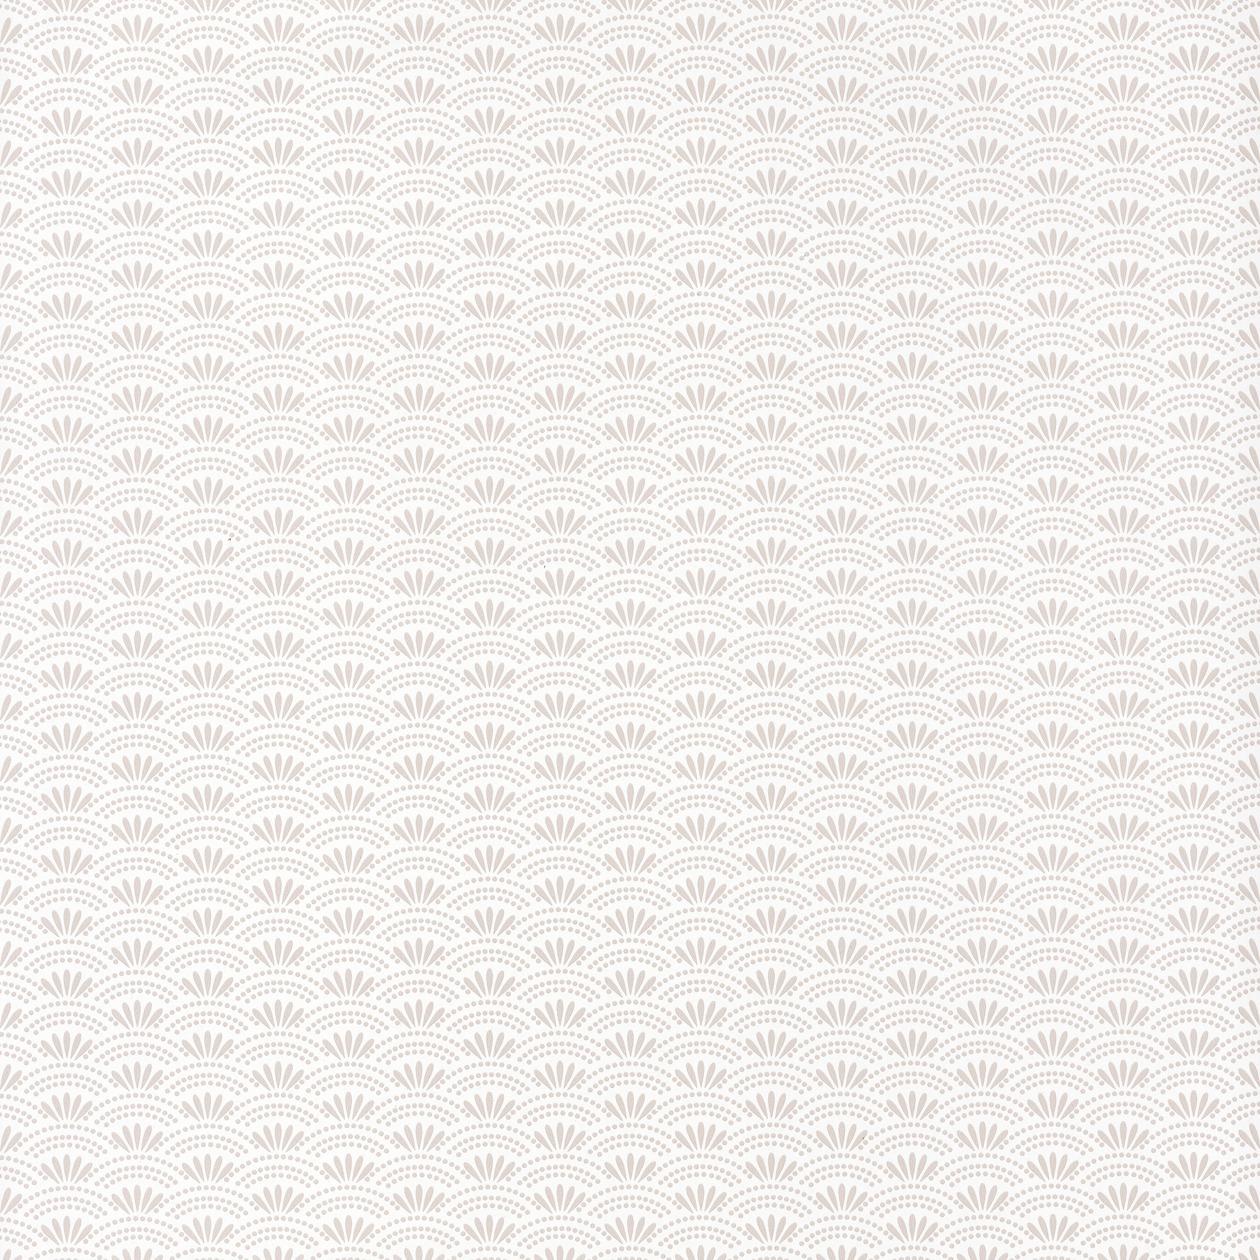 Tapéta Japán orientális stílusban pikkely mintával bézs színben